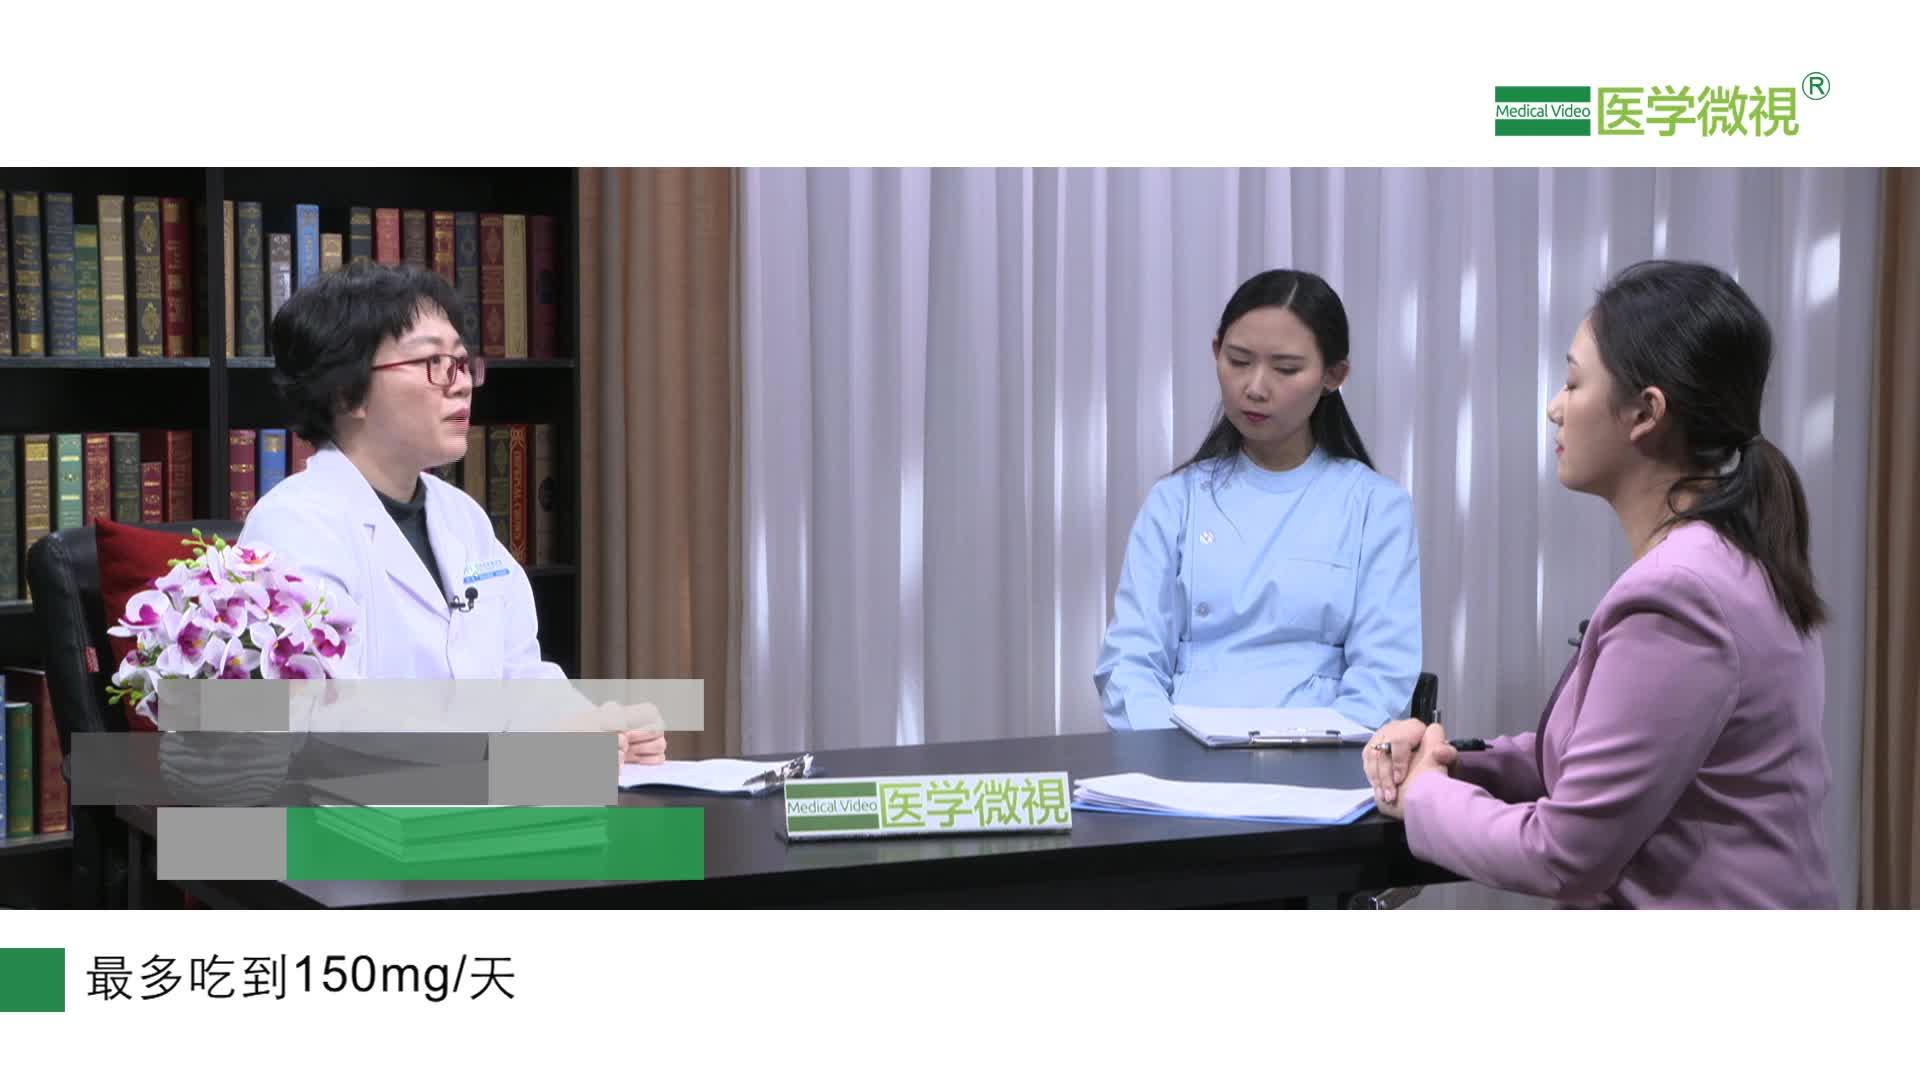 双氯芬酸治疗强直性脊柱炎,需要服用多久?多久时间能见效?